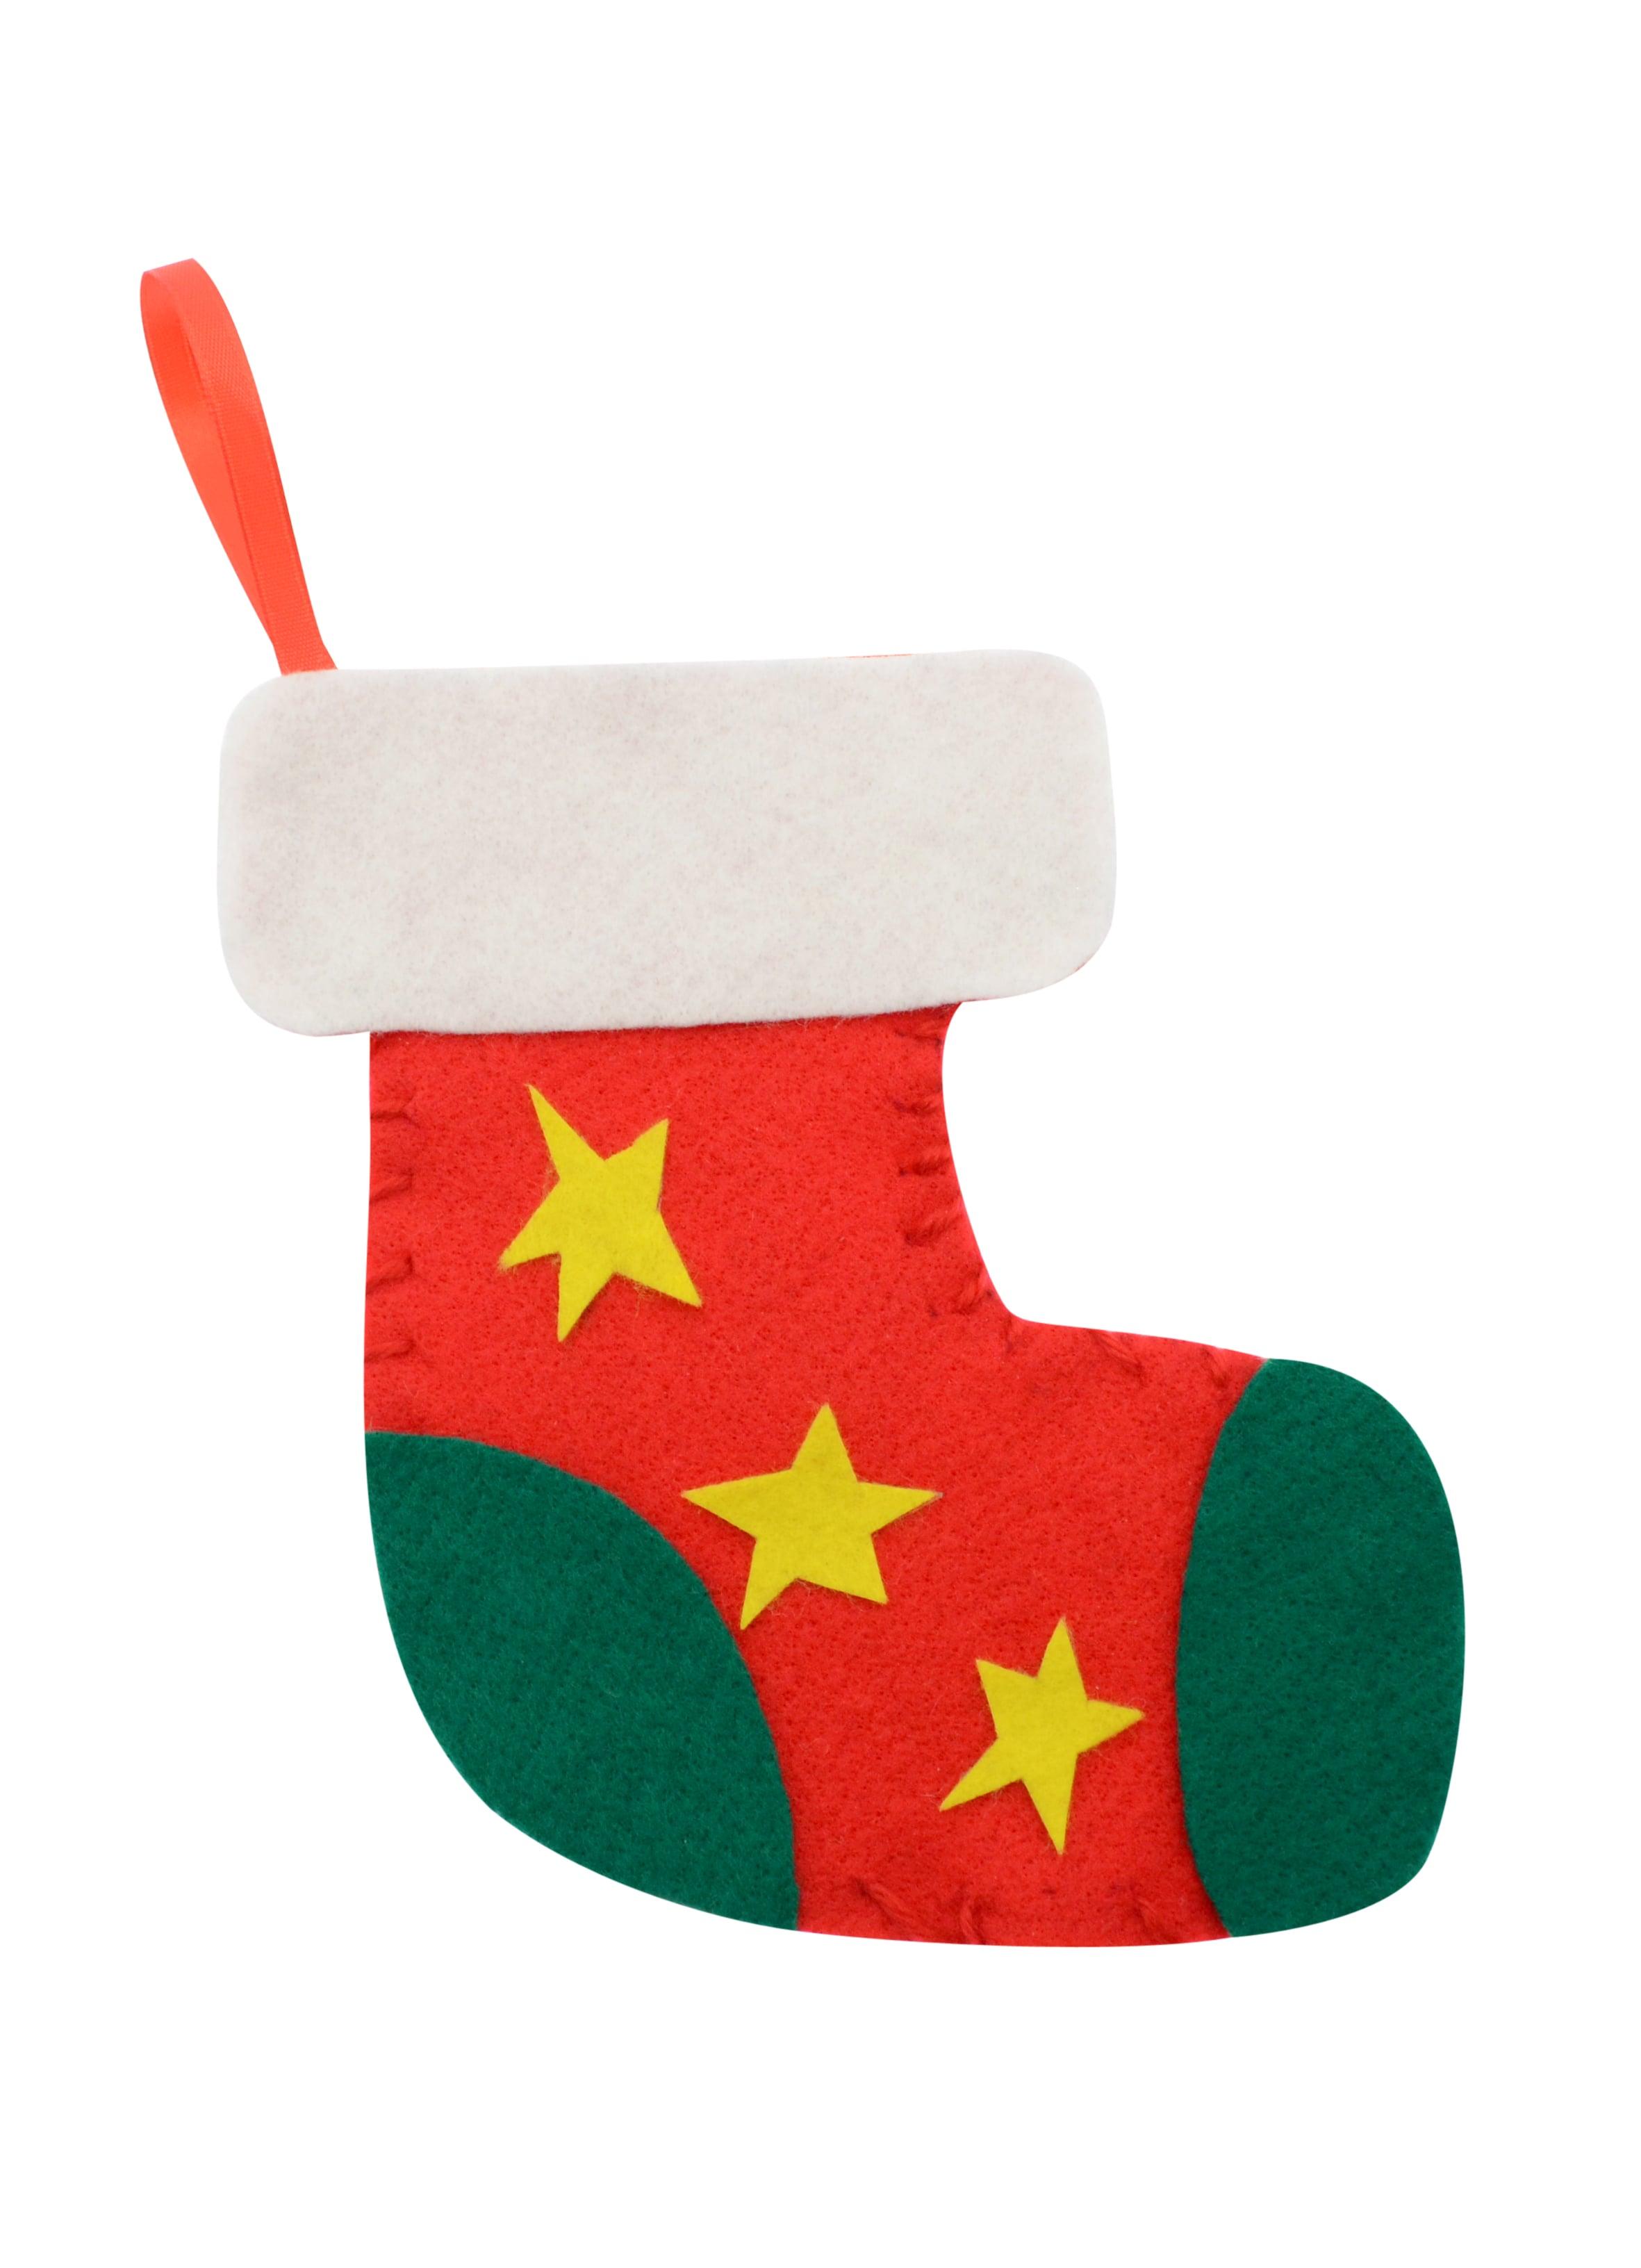 8bc89ed41e6 Christmas Stocking - Mister Maker Mini Make - Cre8kits